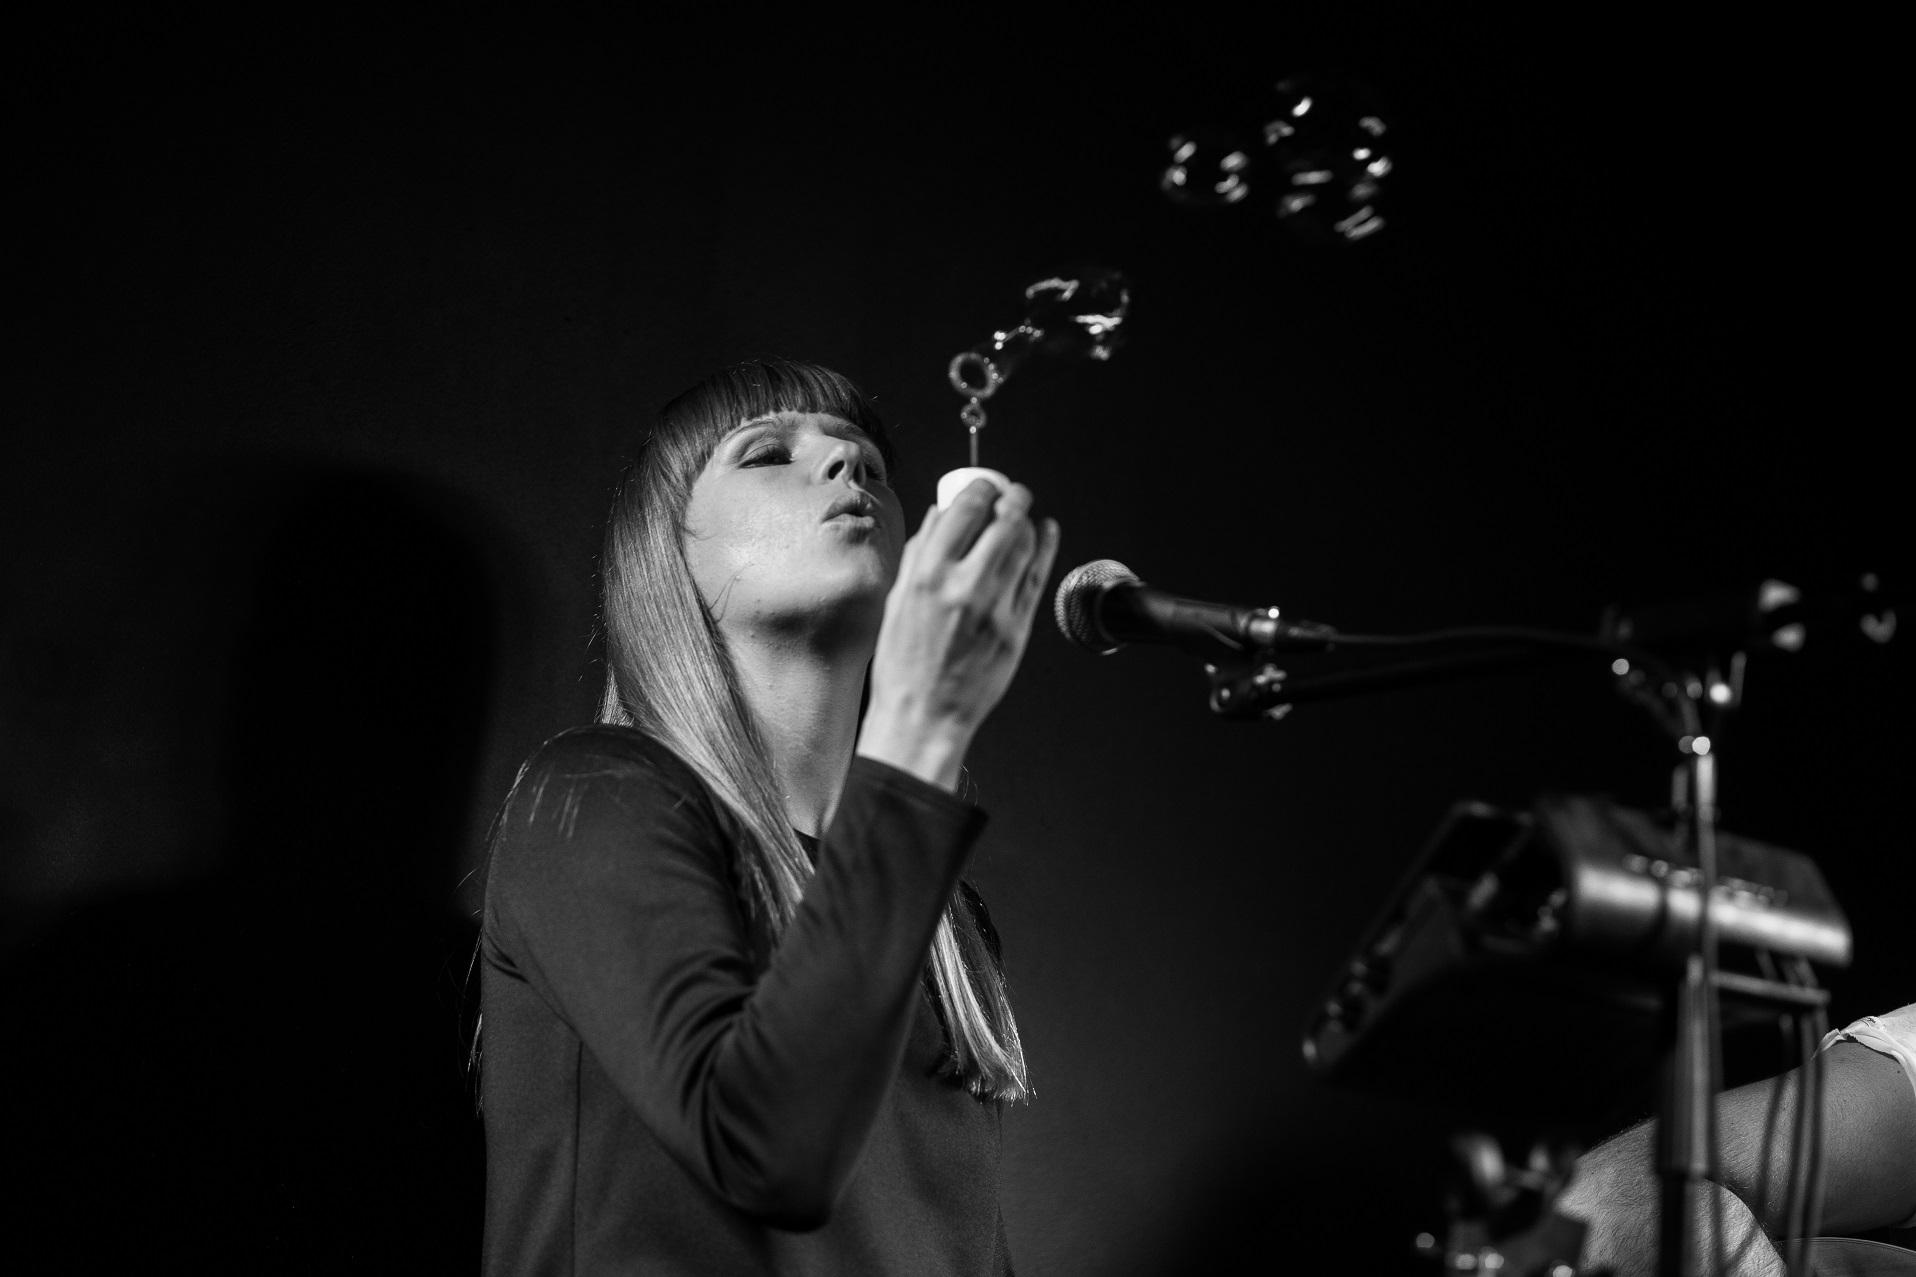 Mikromusic, fot. Justyna Jaworska (źródło: materiały prasowe organizatora)